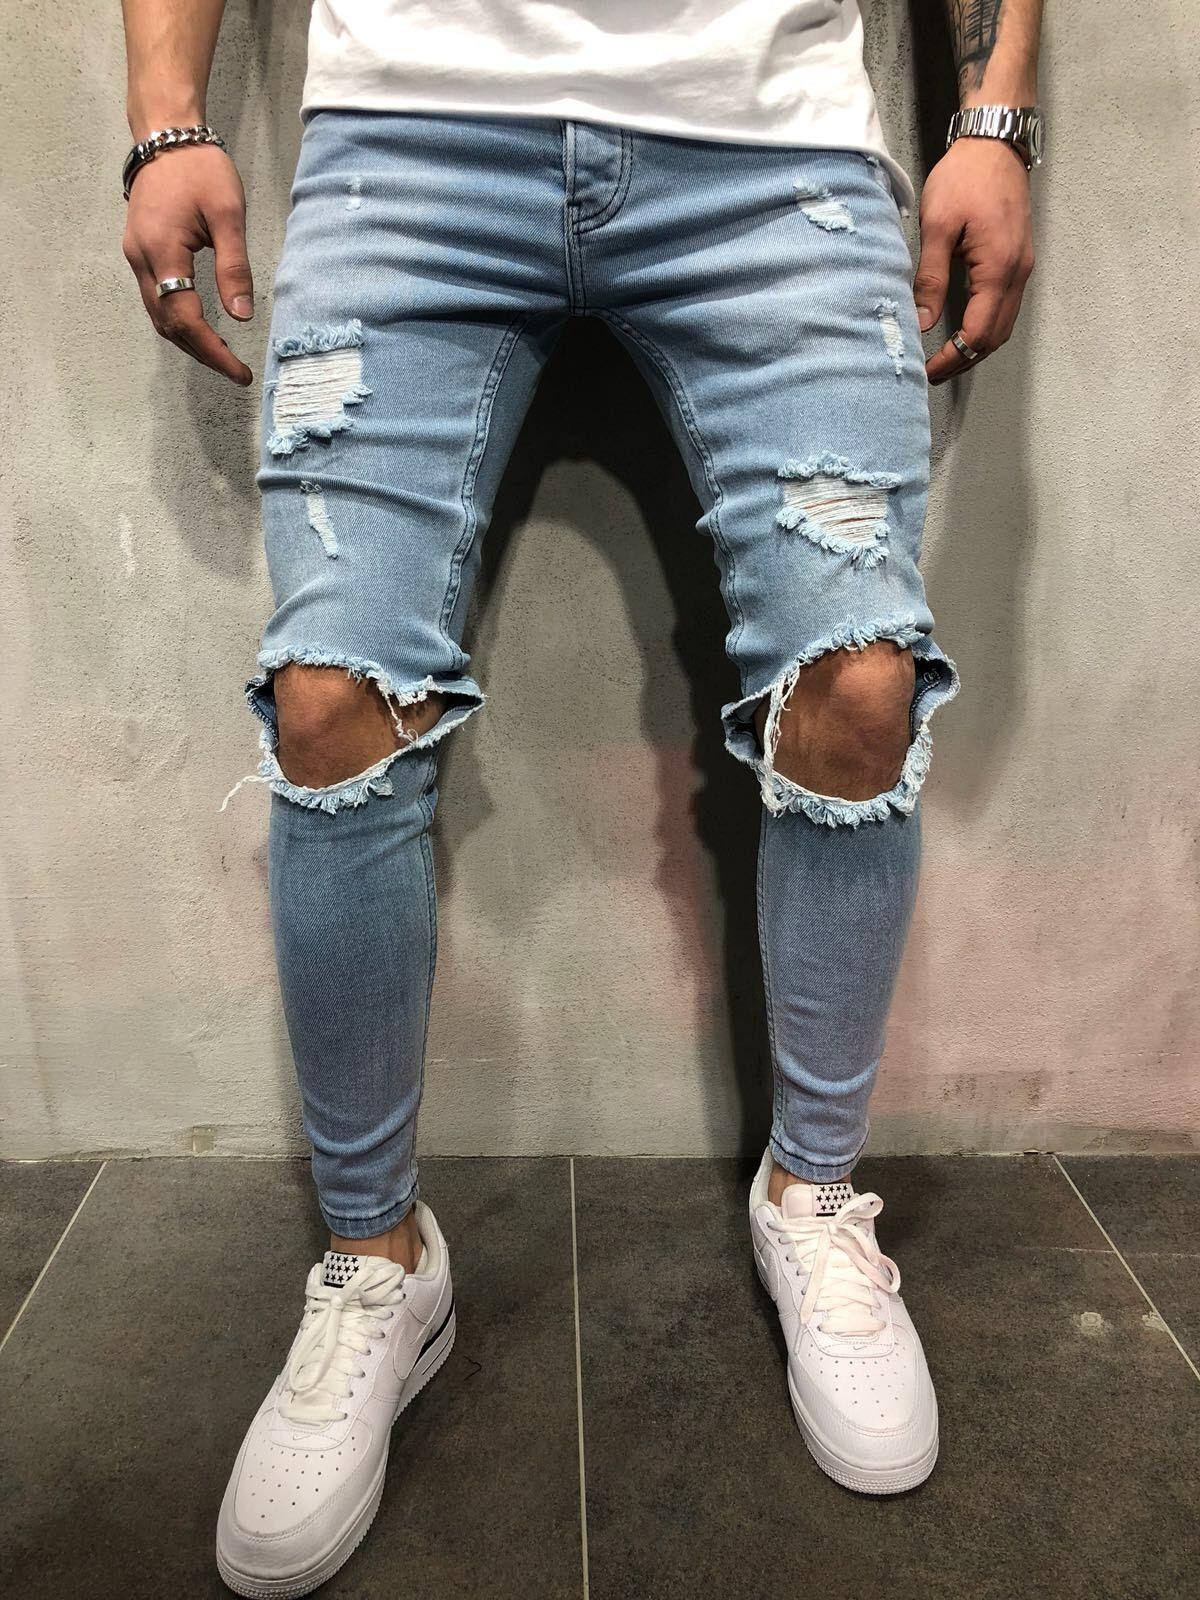 Jean Designer Salut Garçon Fit Pantalon Déchiré Jeans Skateboard Trous Street Adolescent Slim Hiphop D9WYeIHE2b